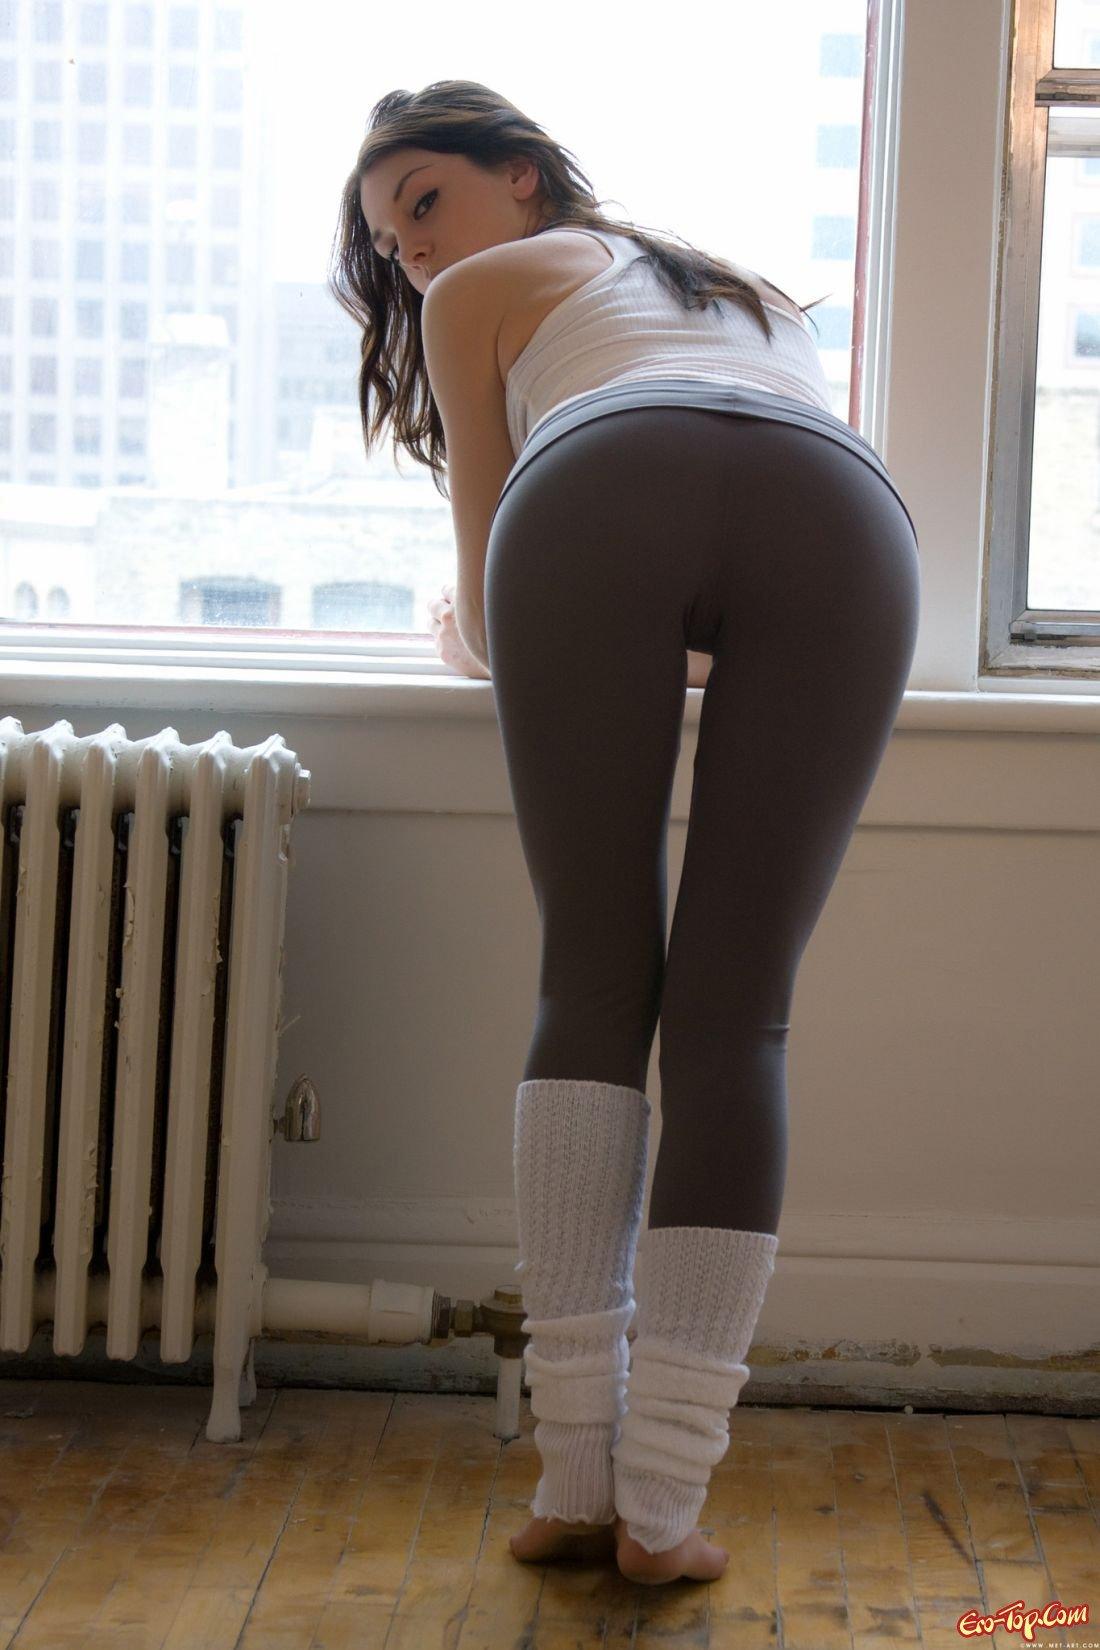 Смотреть онлайн бесплатно обтягивающие штаны врезались в вагину 14 фотография